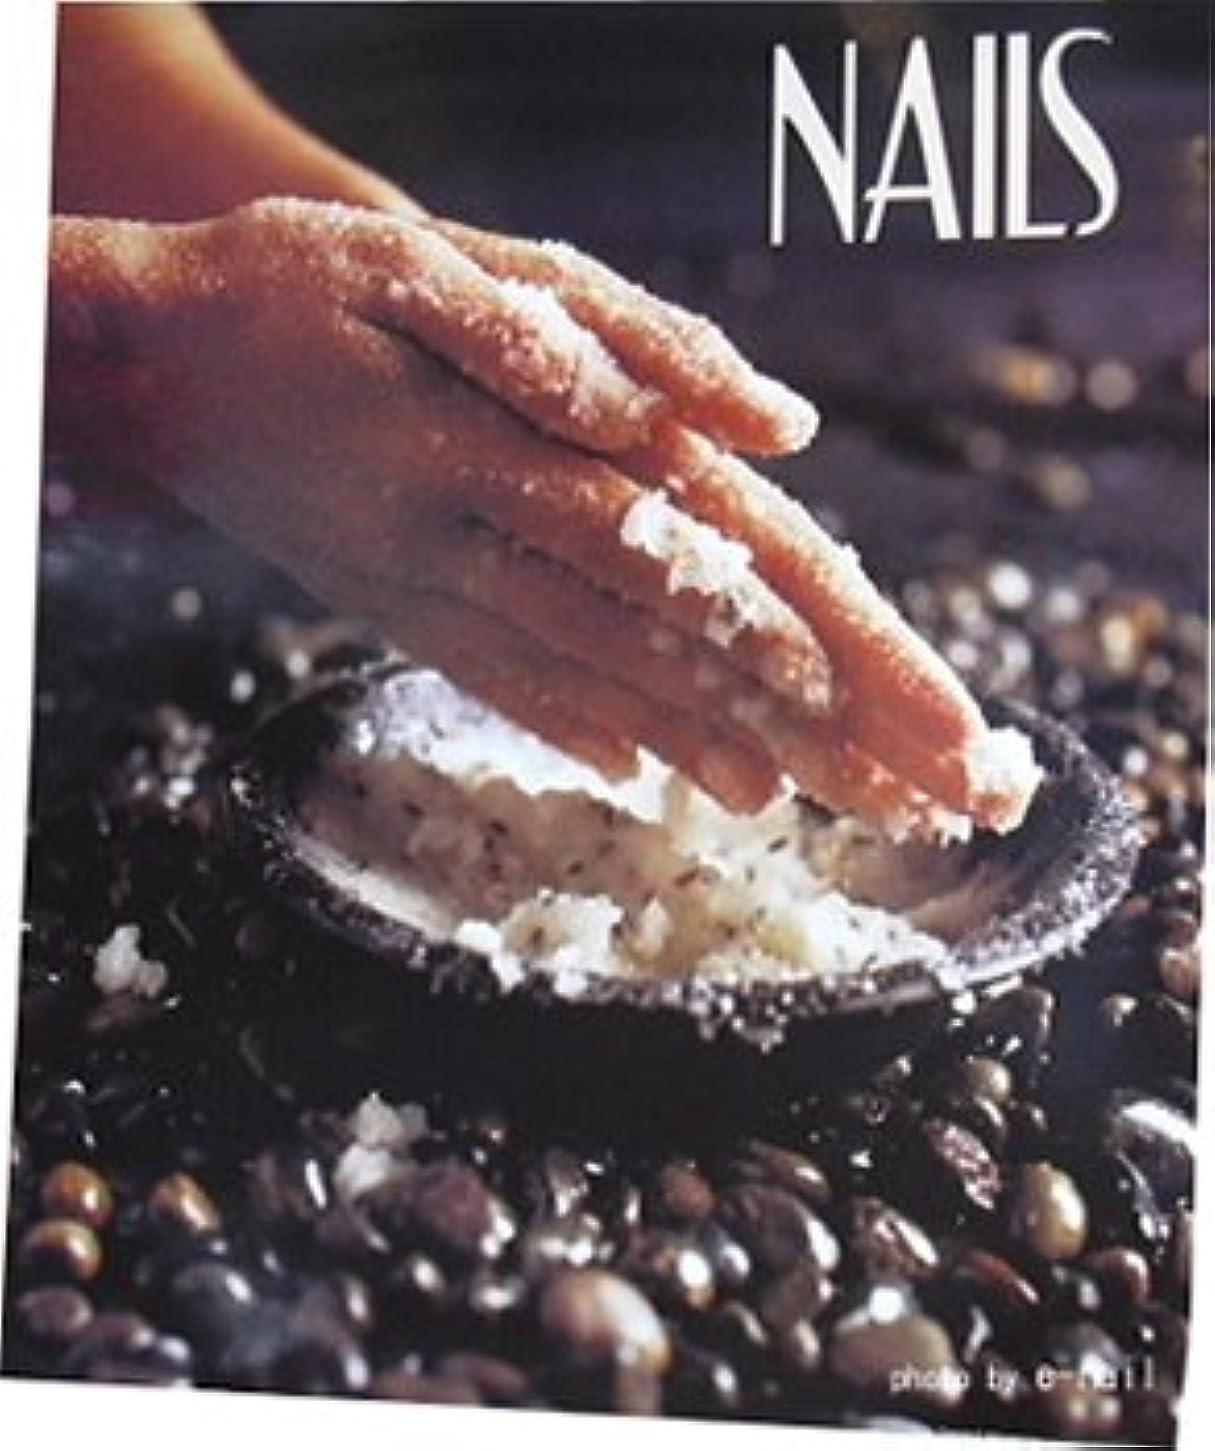 ミシン素晴らしさ夫NAILS ポスター 【Salt scrub, Anyone?】